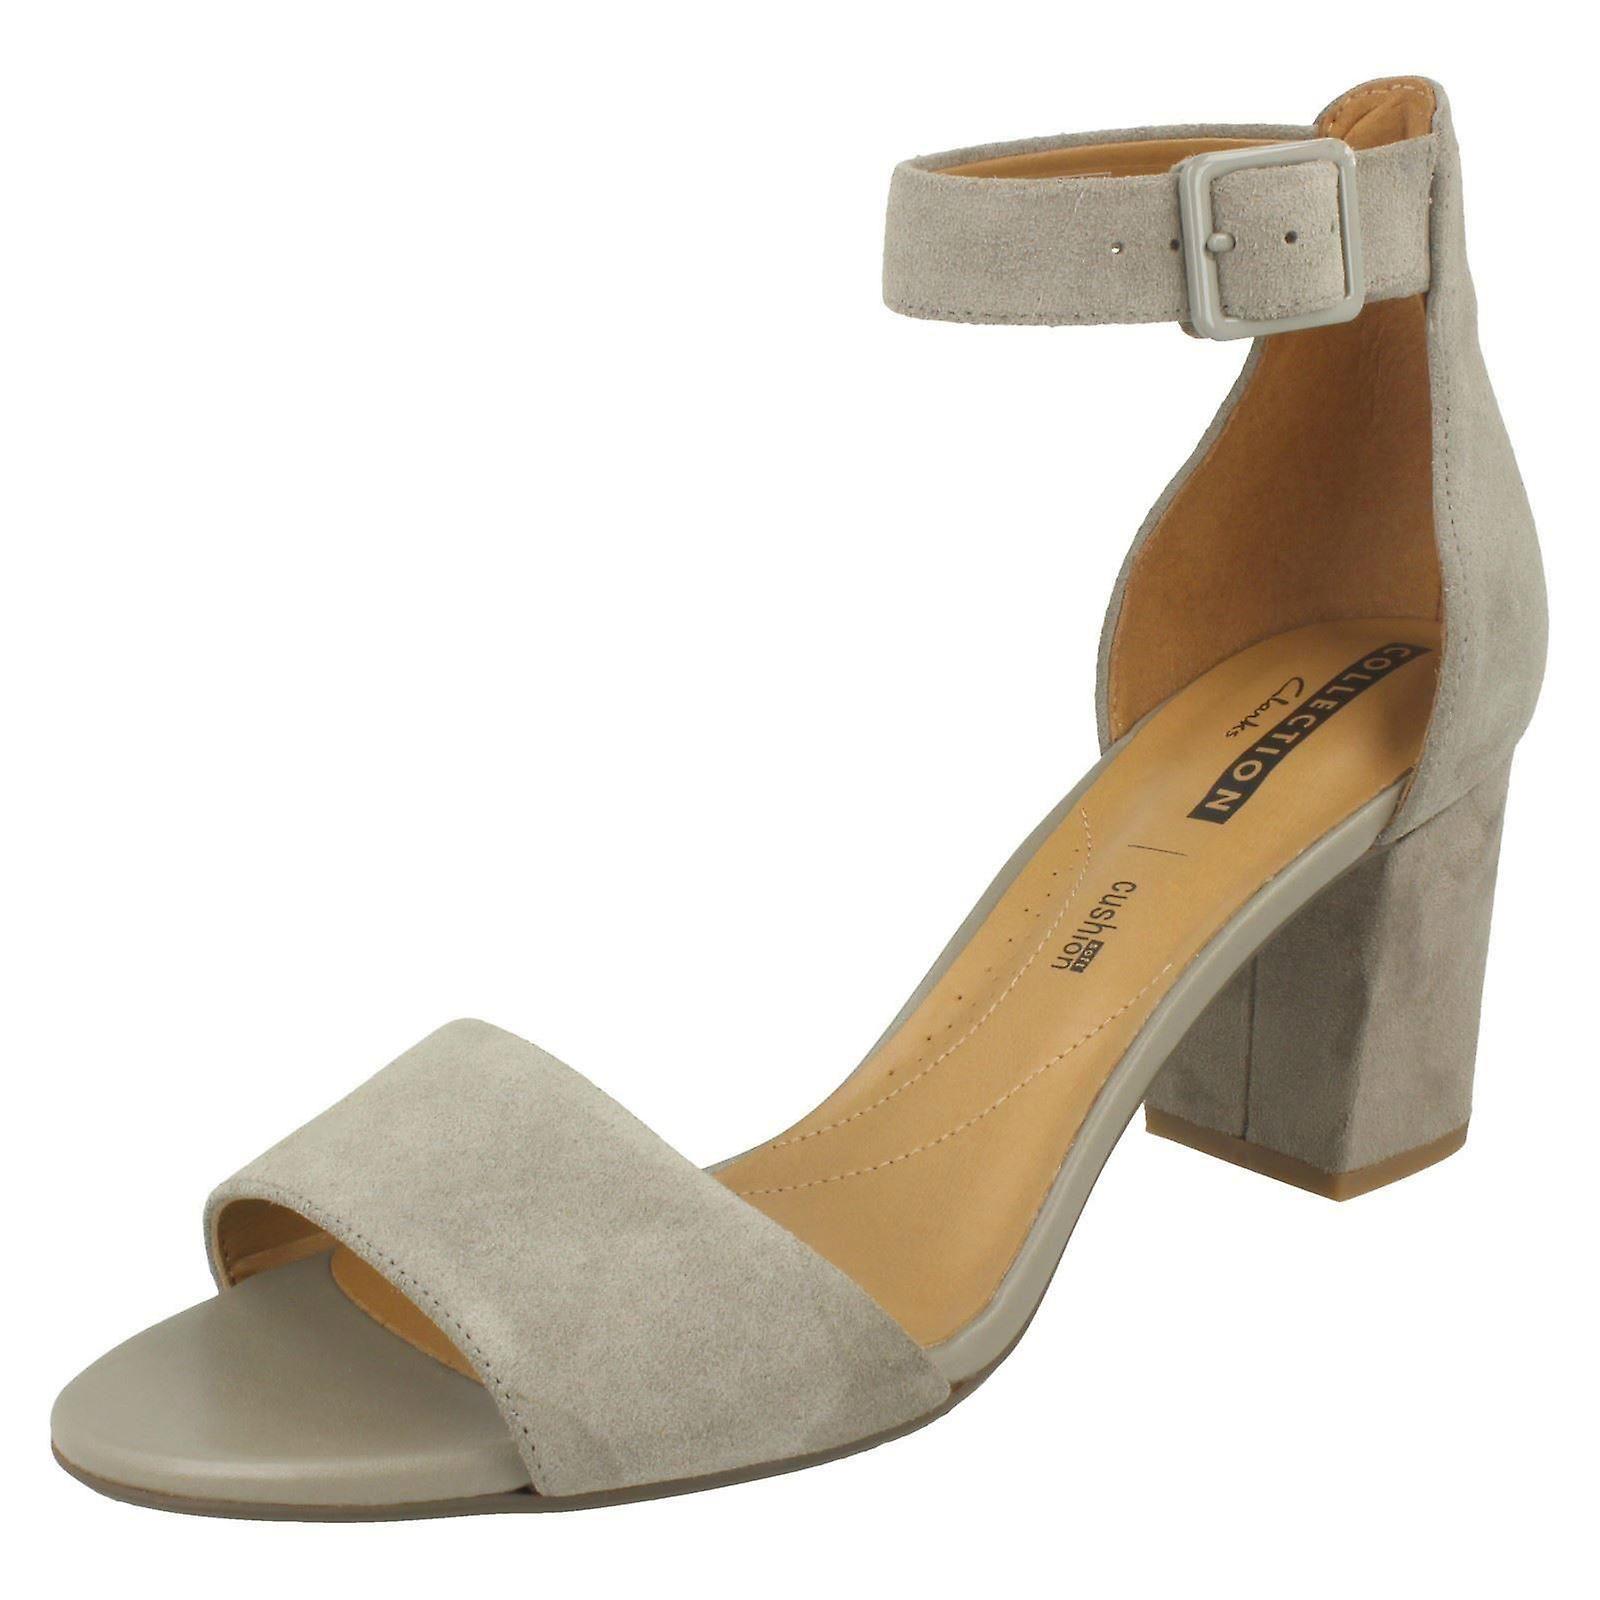 Heeled Suede UK Sage Deva US 9 EU Size Size Size Ladies 5M Sandals Mae 41 Clarks 7D qxX0FY5g